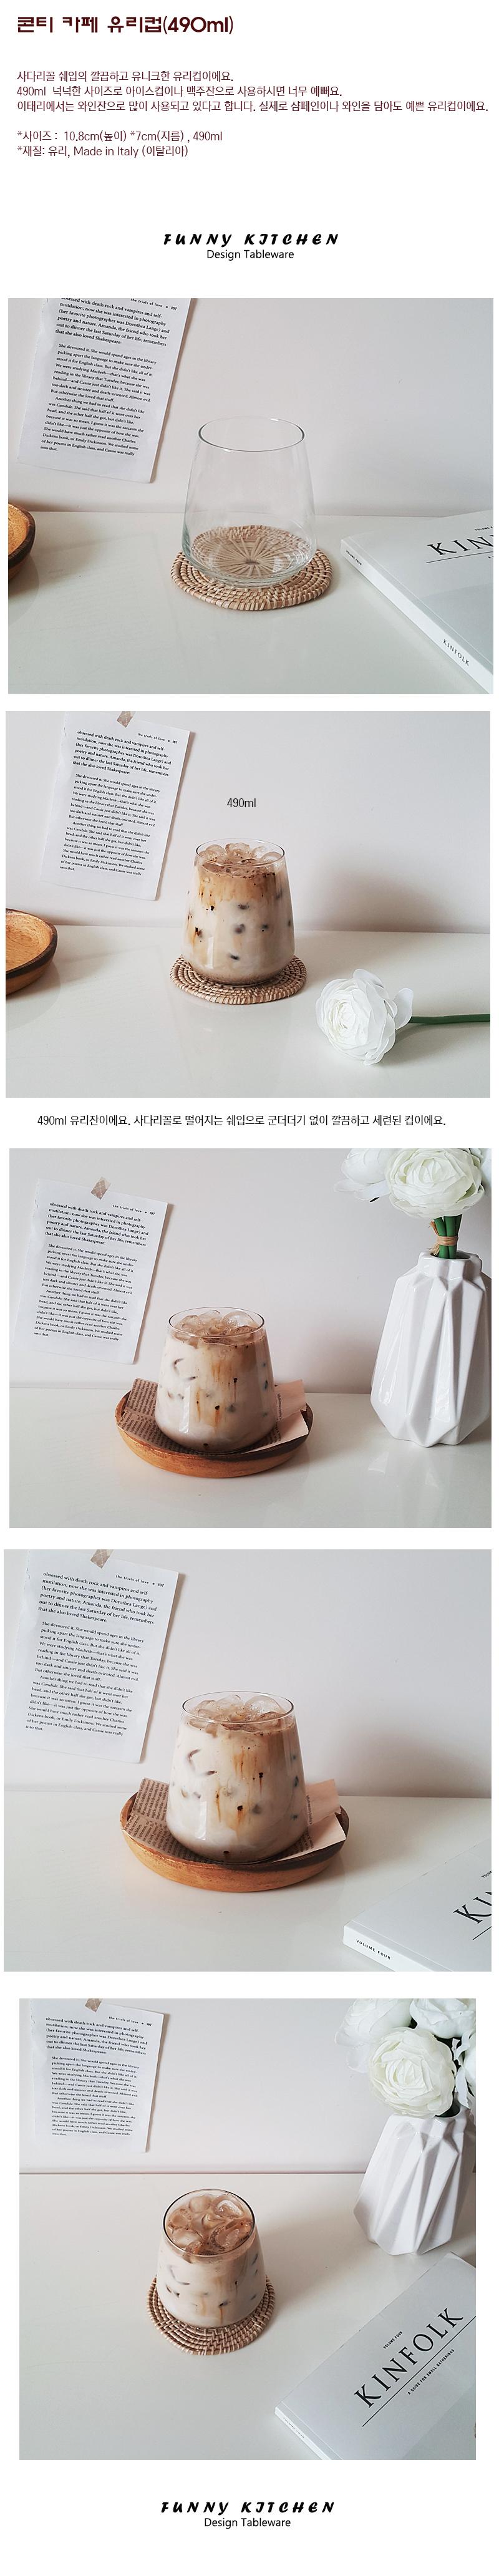 콘티 카페유리컵(490ml) - 퍼니키친, 6,000원, 유리컵/술잔, 유리컵